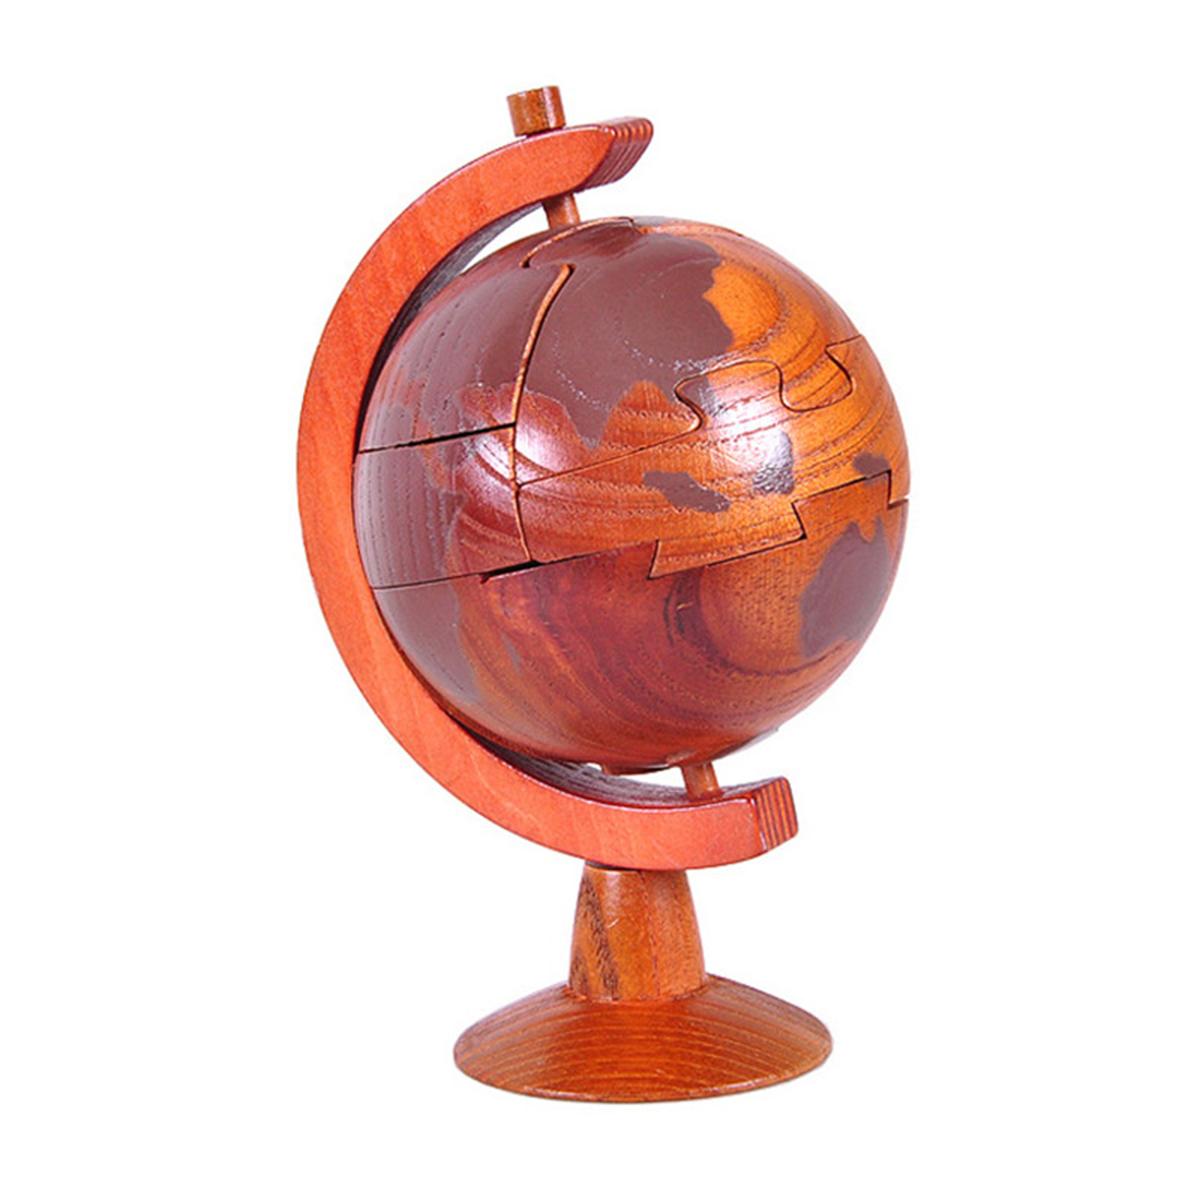 achetez en gros antique globe terrestre en ligne des grossistes antique globe terrestre. Black Bedroom Furniture Sets. Home Design Ideas